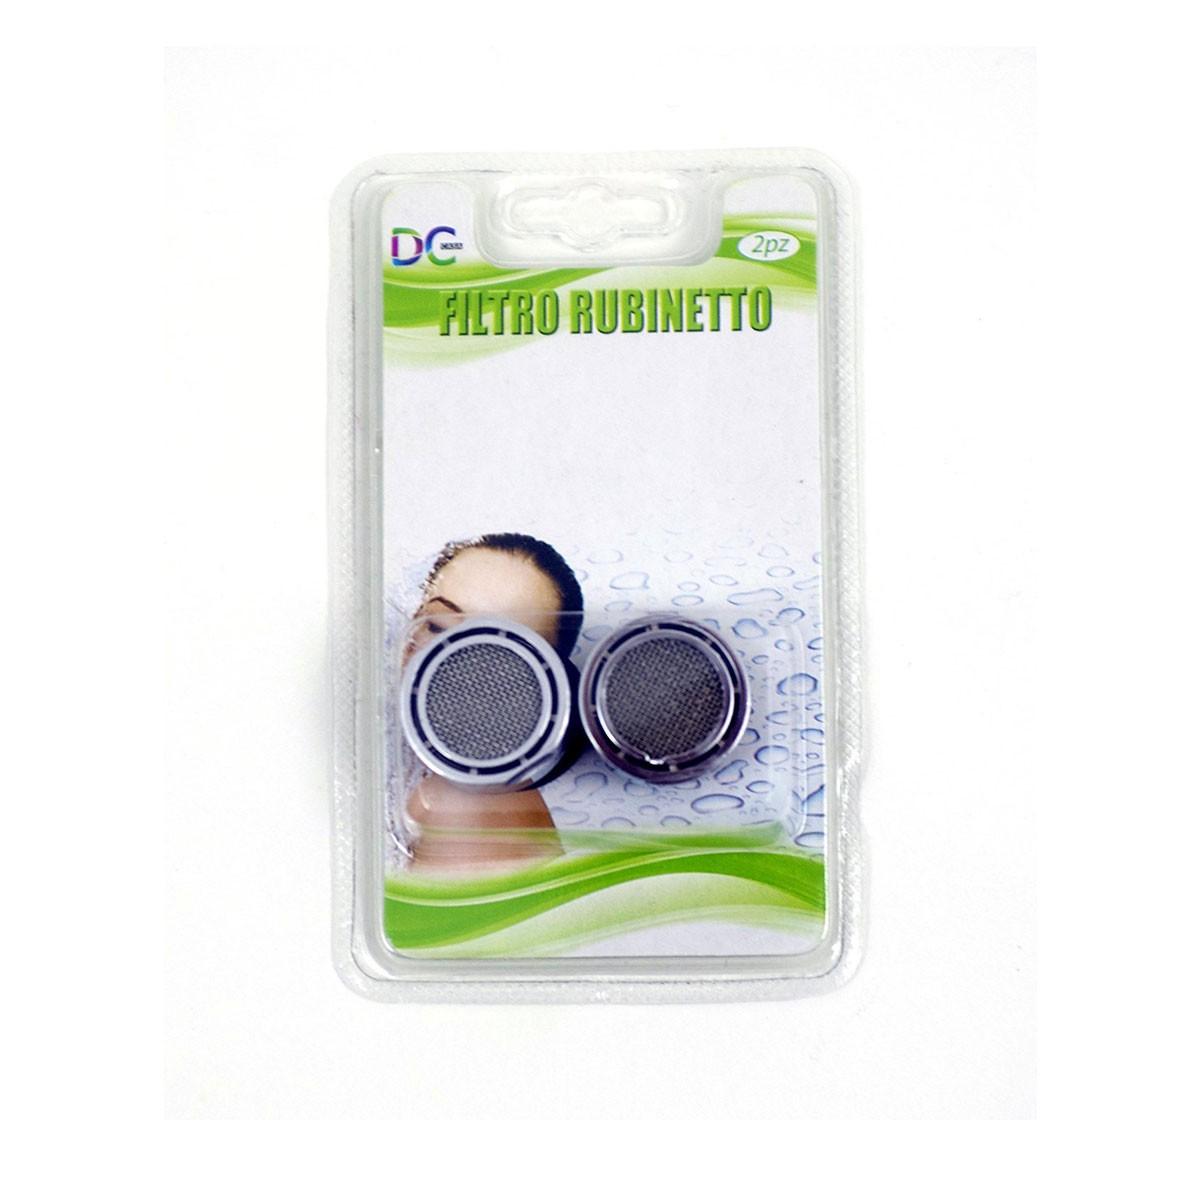 Design bagno bidet : Filtro rompigetto rubinetto per lavandino cucina, bagno, bidet ...